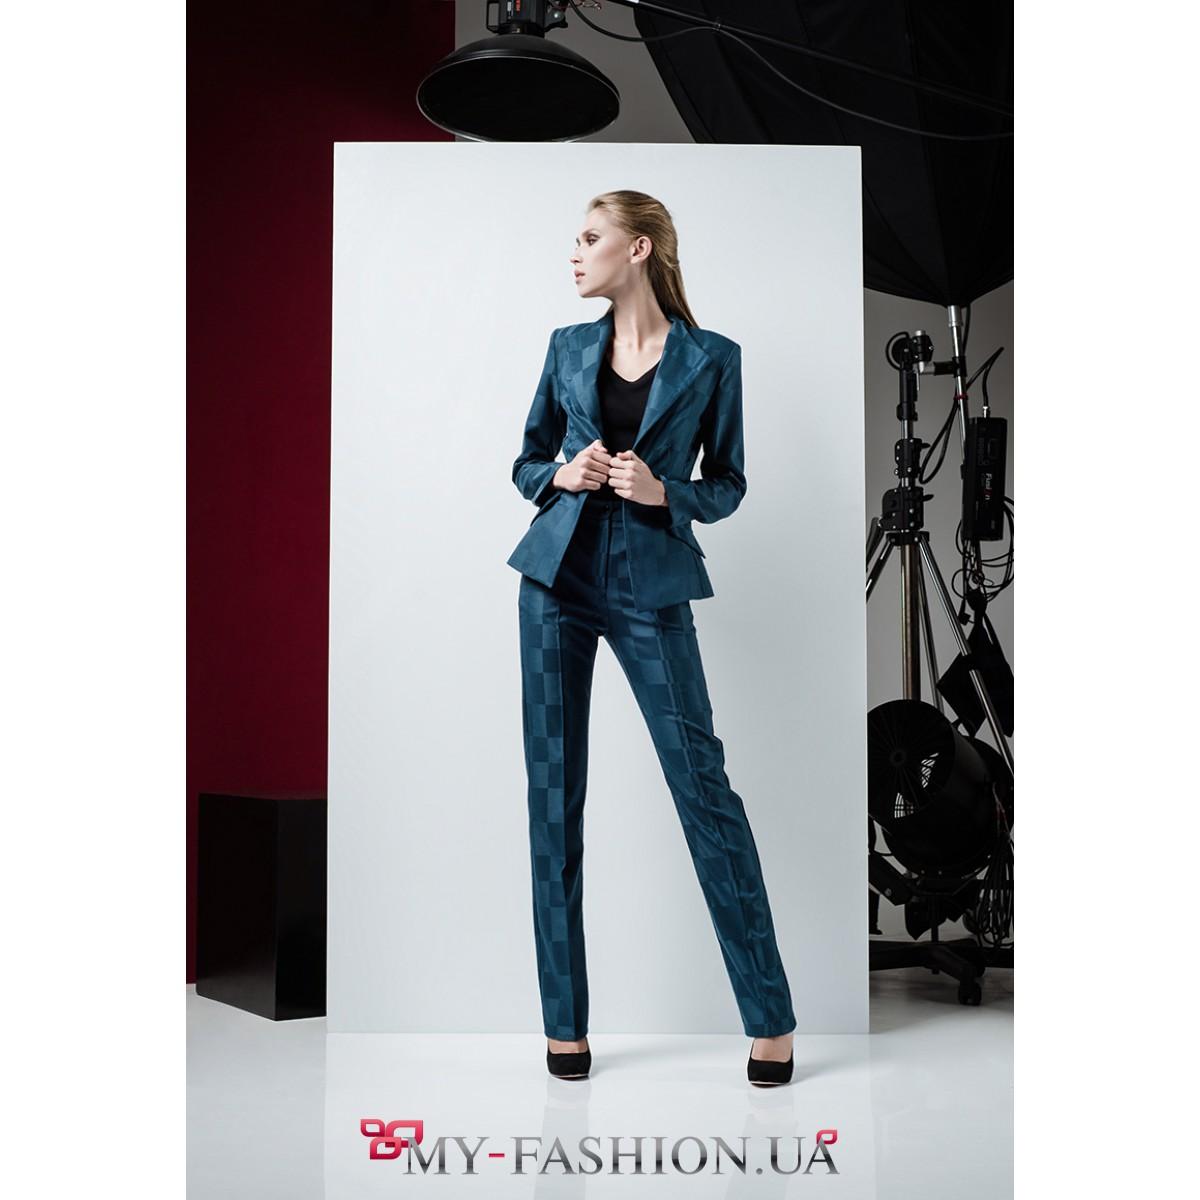 Современный деловой костюм женский с доставкой